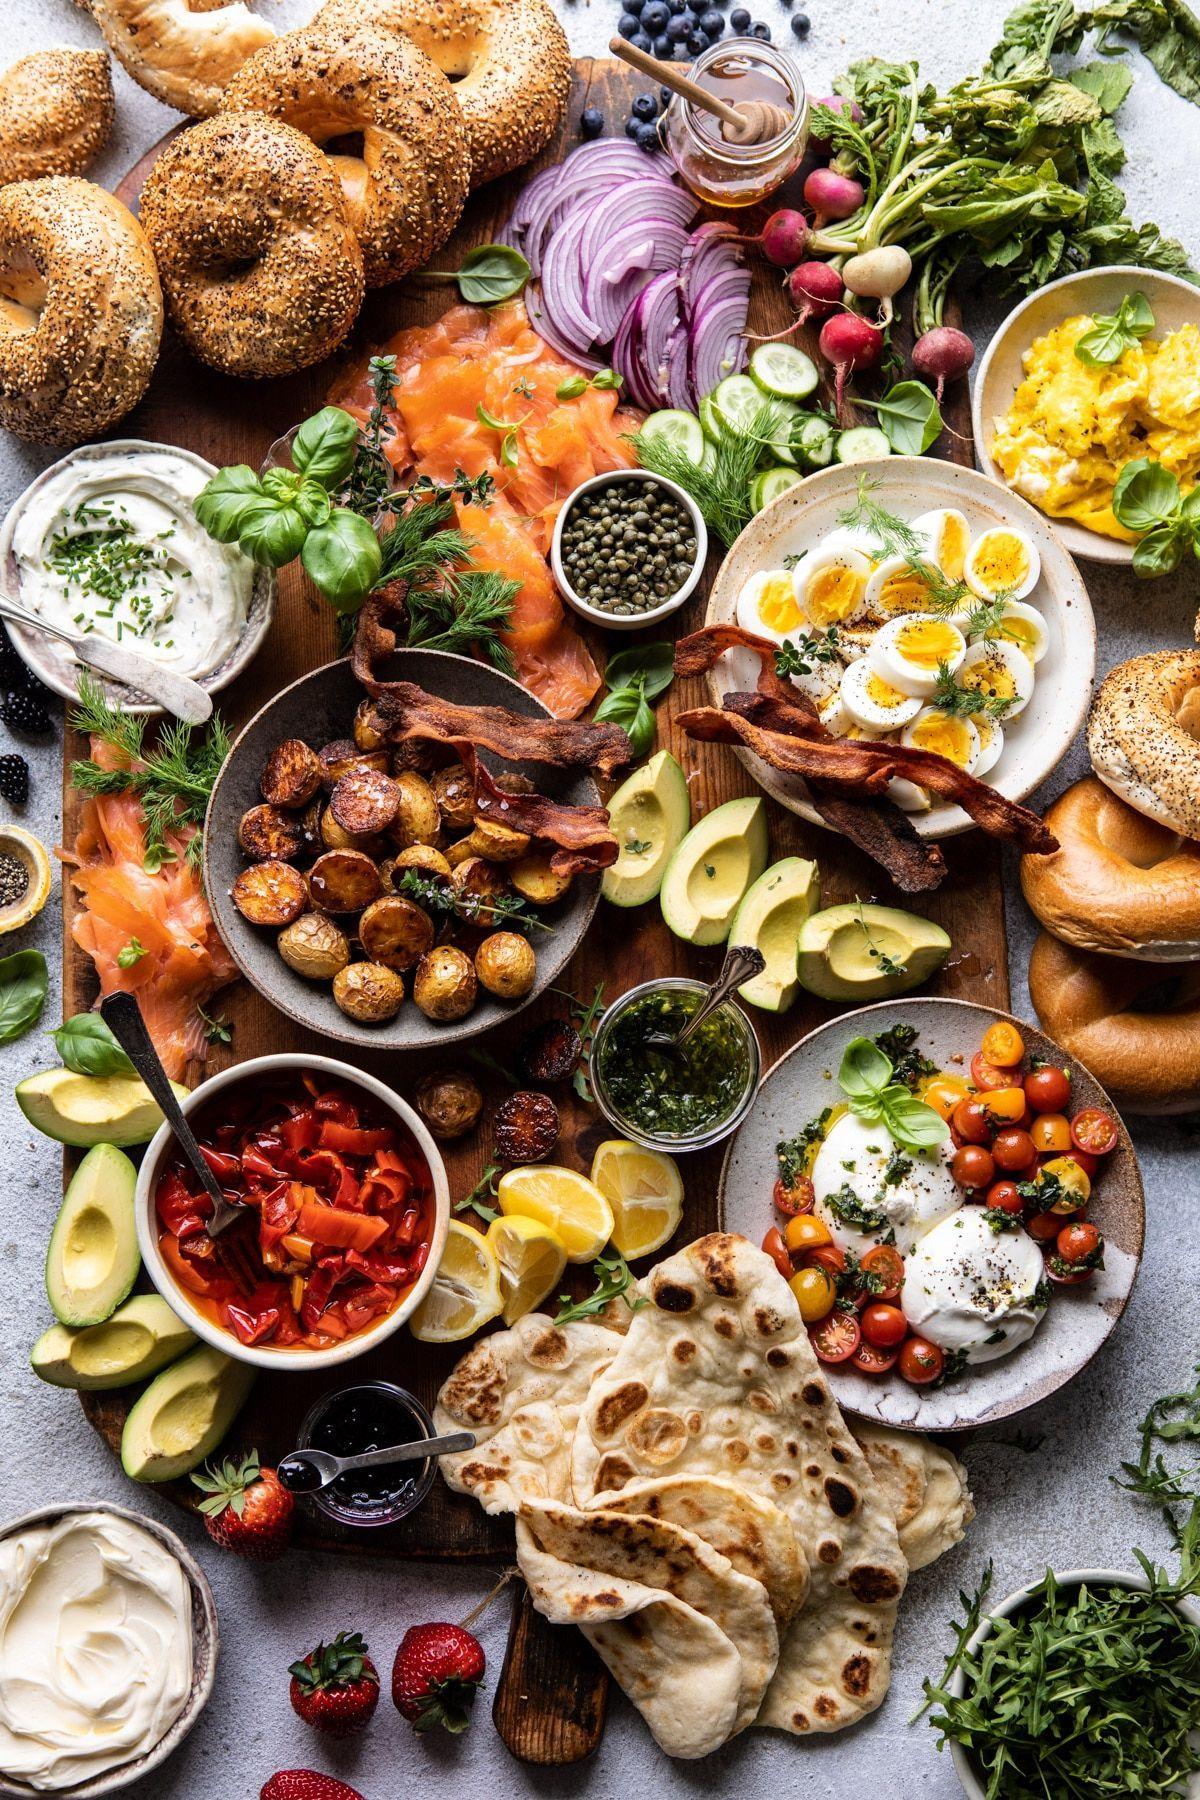 Ultimate Spring Brunch Board. -  Ultimate Spring Brunch Board | halfbakedharvest.com #brunch #breakfast #potatoes #spring   - #board #breakfast #BreakfastSandwiches #brunch #HashBrowns #OvernightFrenchToast #OvernightOats #spring #ultimate #VeganBreakfastRecipes #WeightWatcherBreakfast